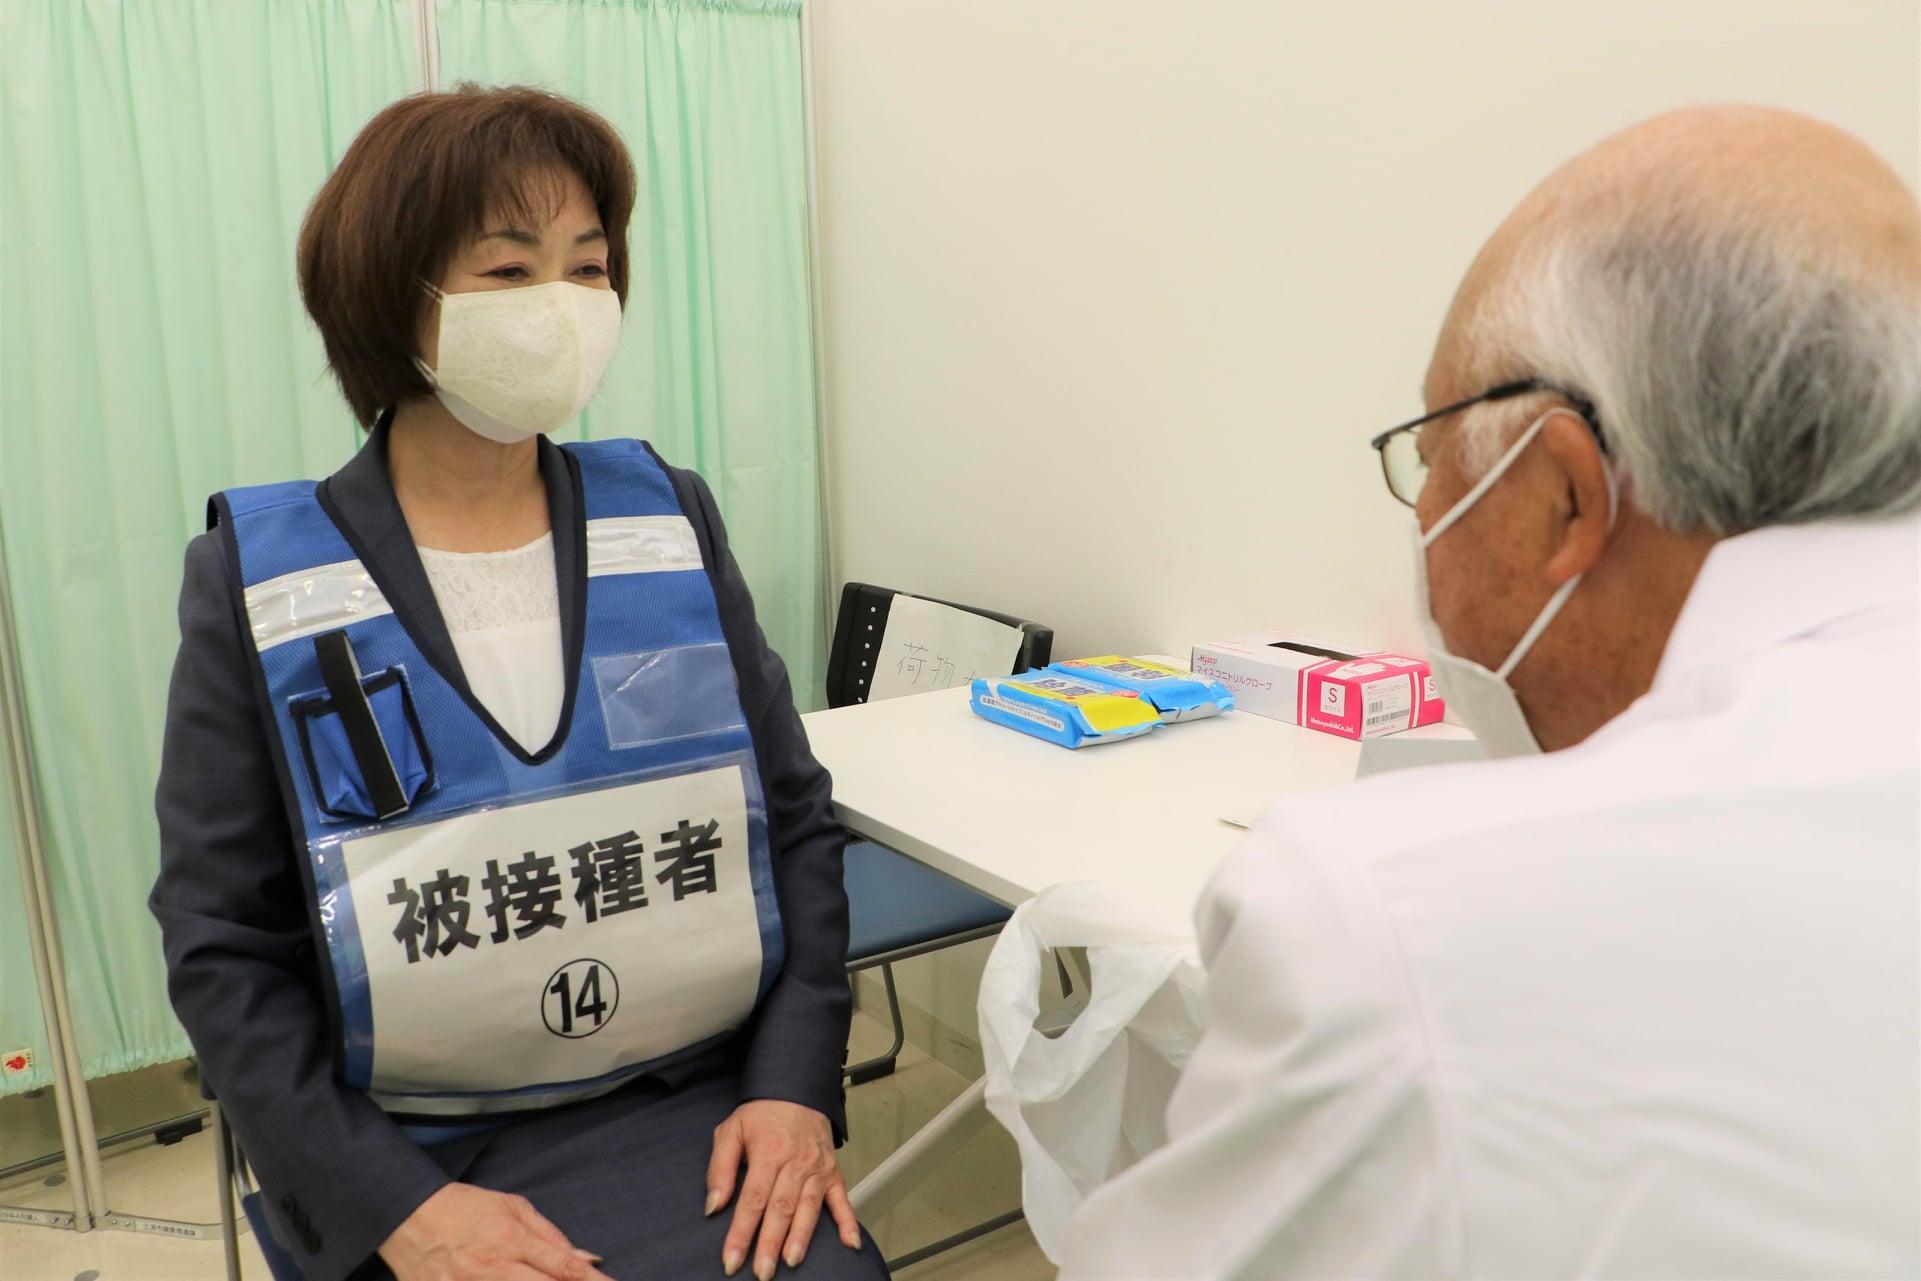 ワクチン集団接種のリハーサルを行いましたpage-visual ワクチン集団接種のリハーサルを行いましたビジュアル